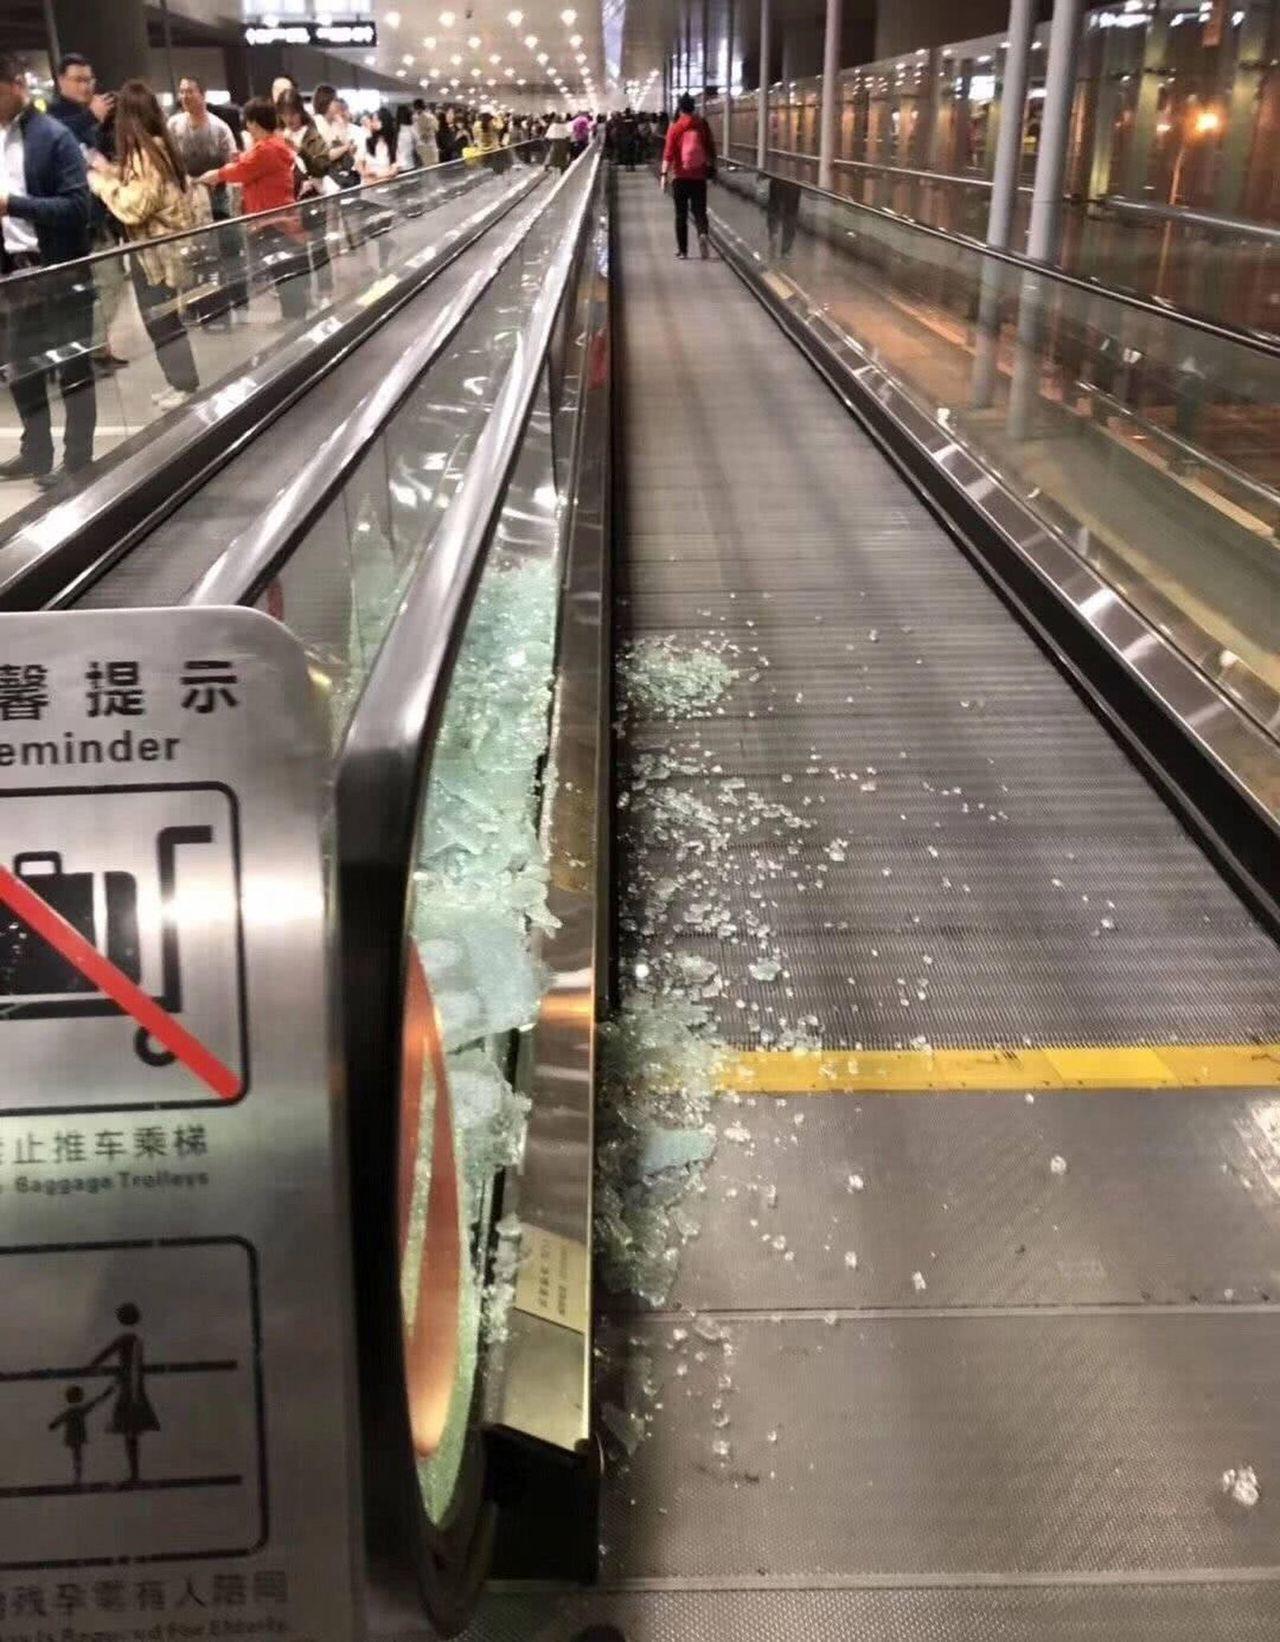 期間擁擠現場令電梯旁的玻璃碎一地。 圖/摘自微博